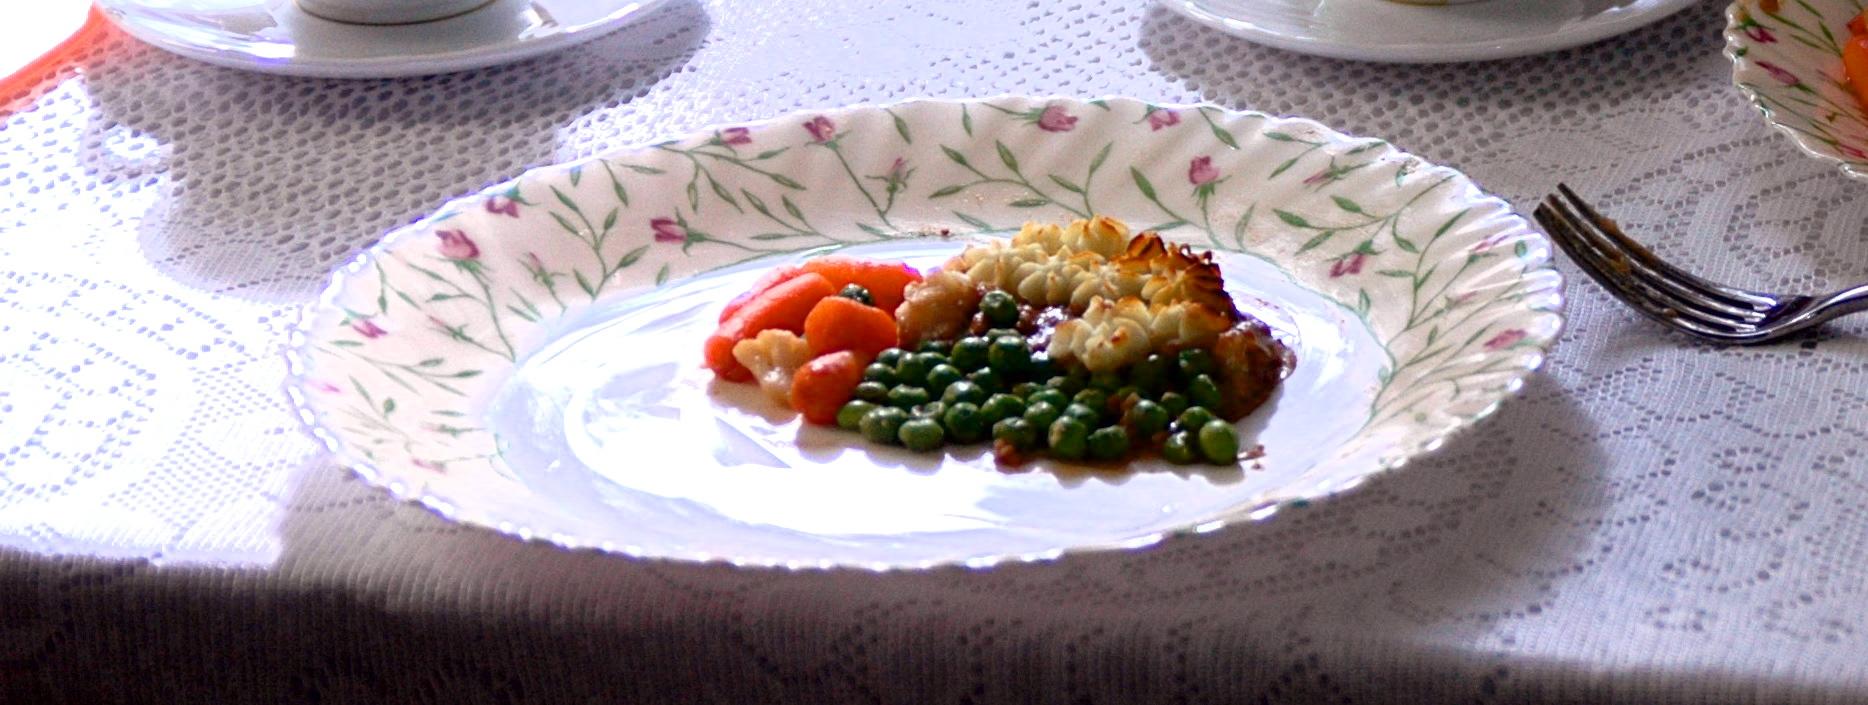 3 Food2_1.JPG